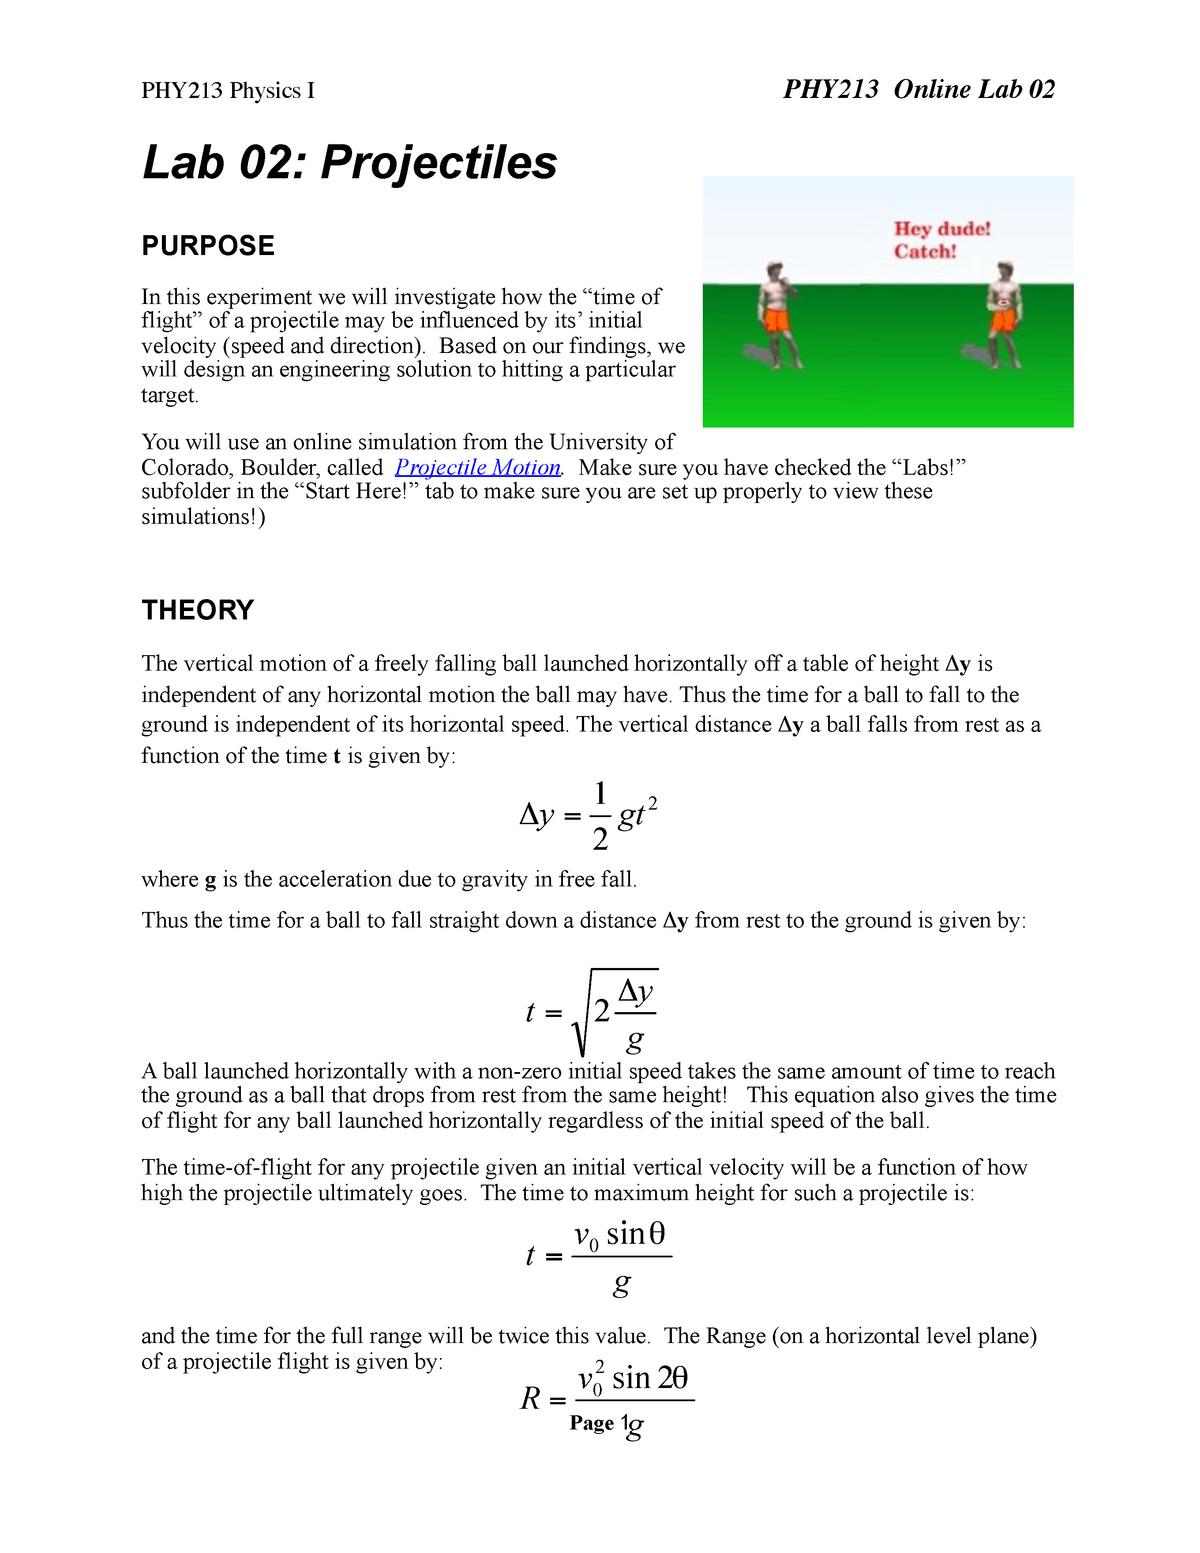 Lab 2 - Lab 2 - PH 202: Calculus-Based Physics II - StuDocu